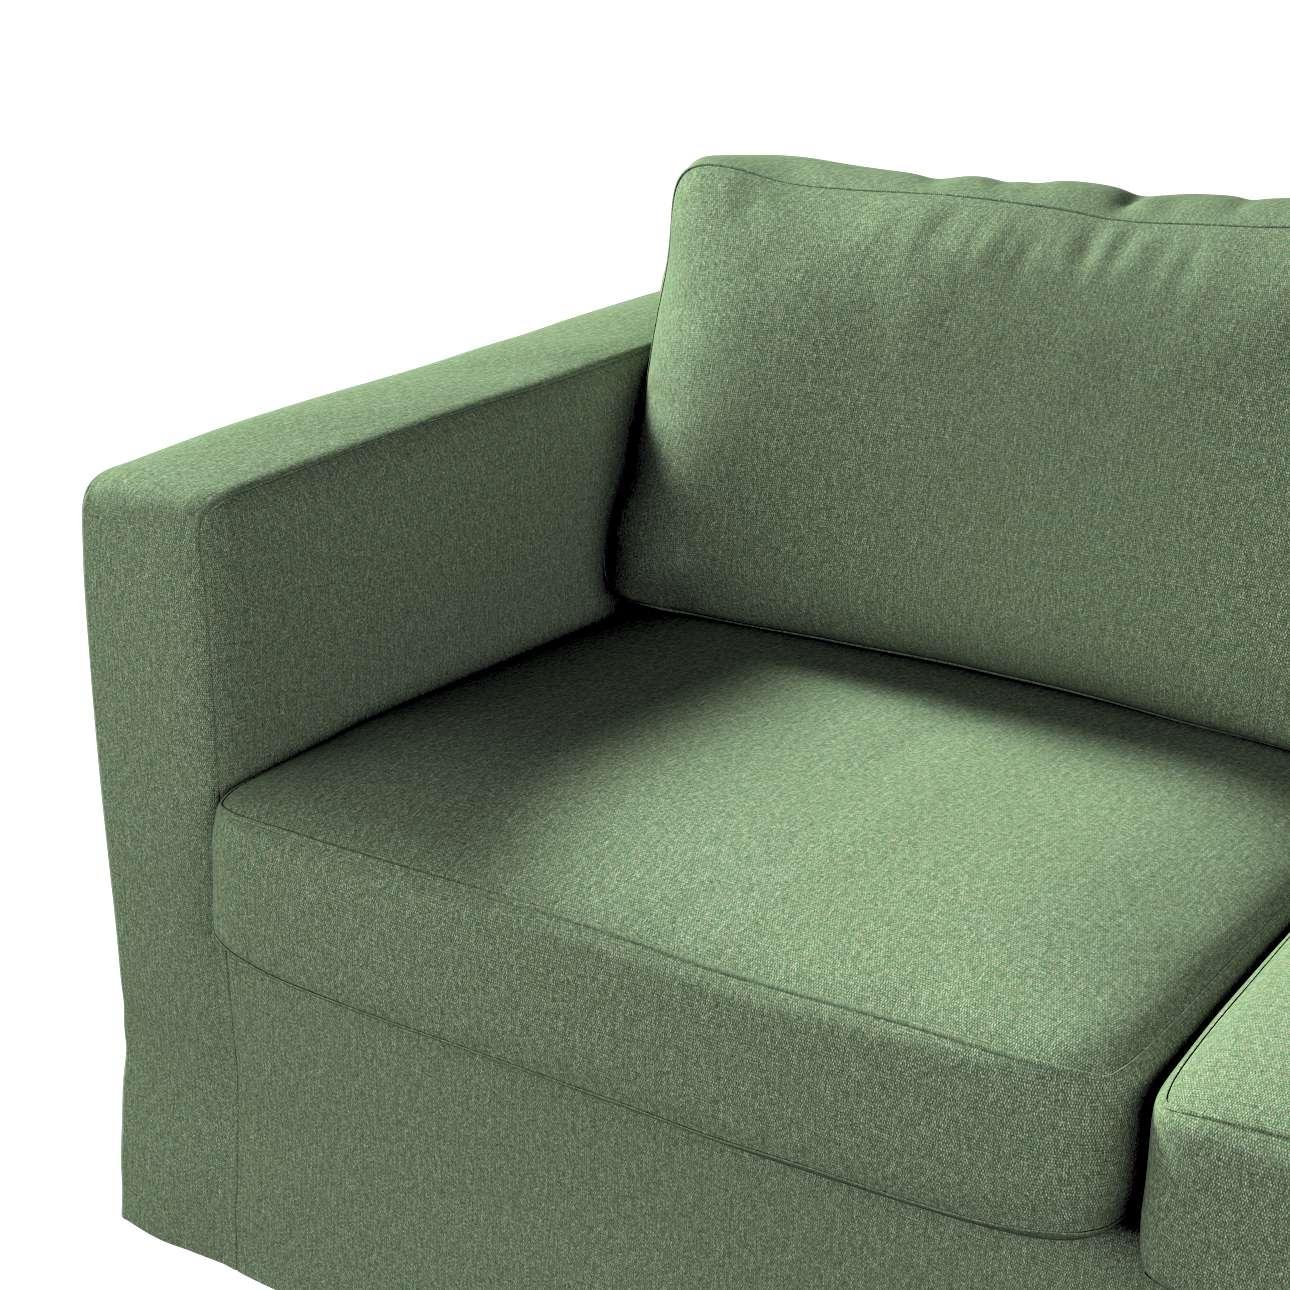 Pokrowiec na sofę Karlstad 2-osobową nierozkładaną długi w kolekcji Amsterdam, tkanina: 704-44